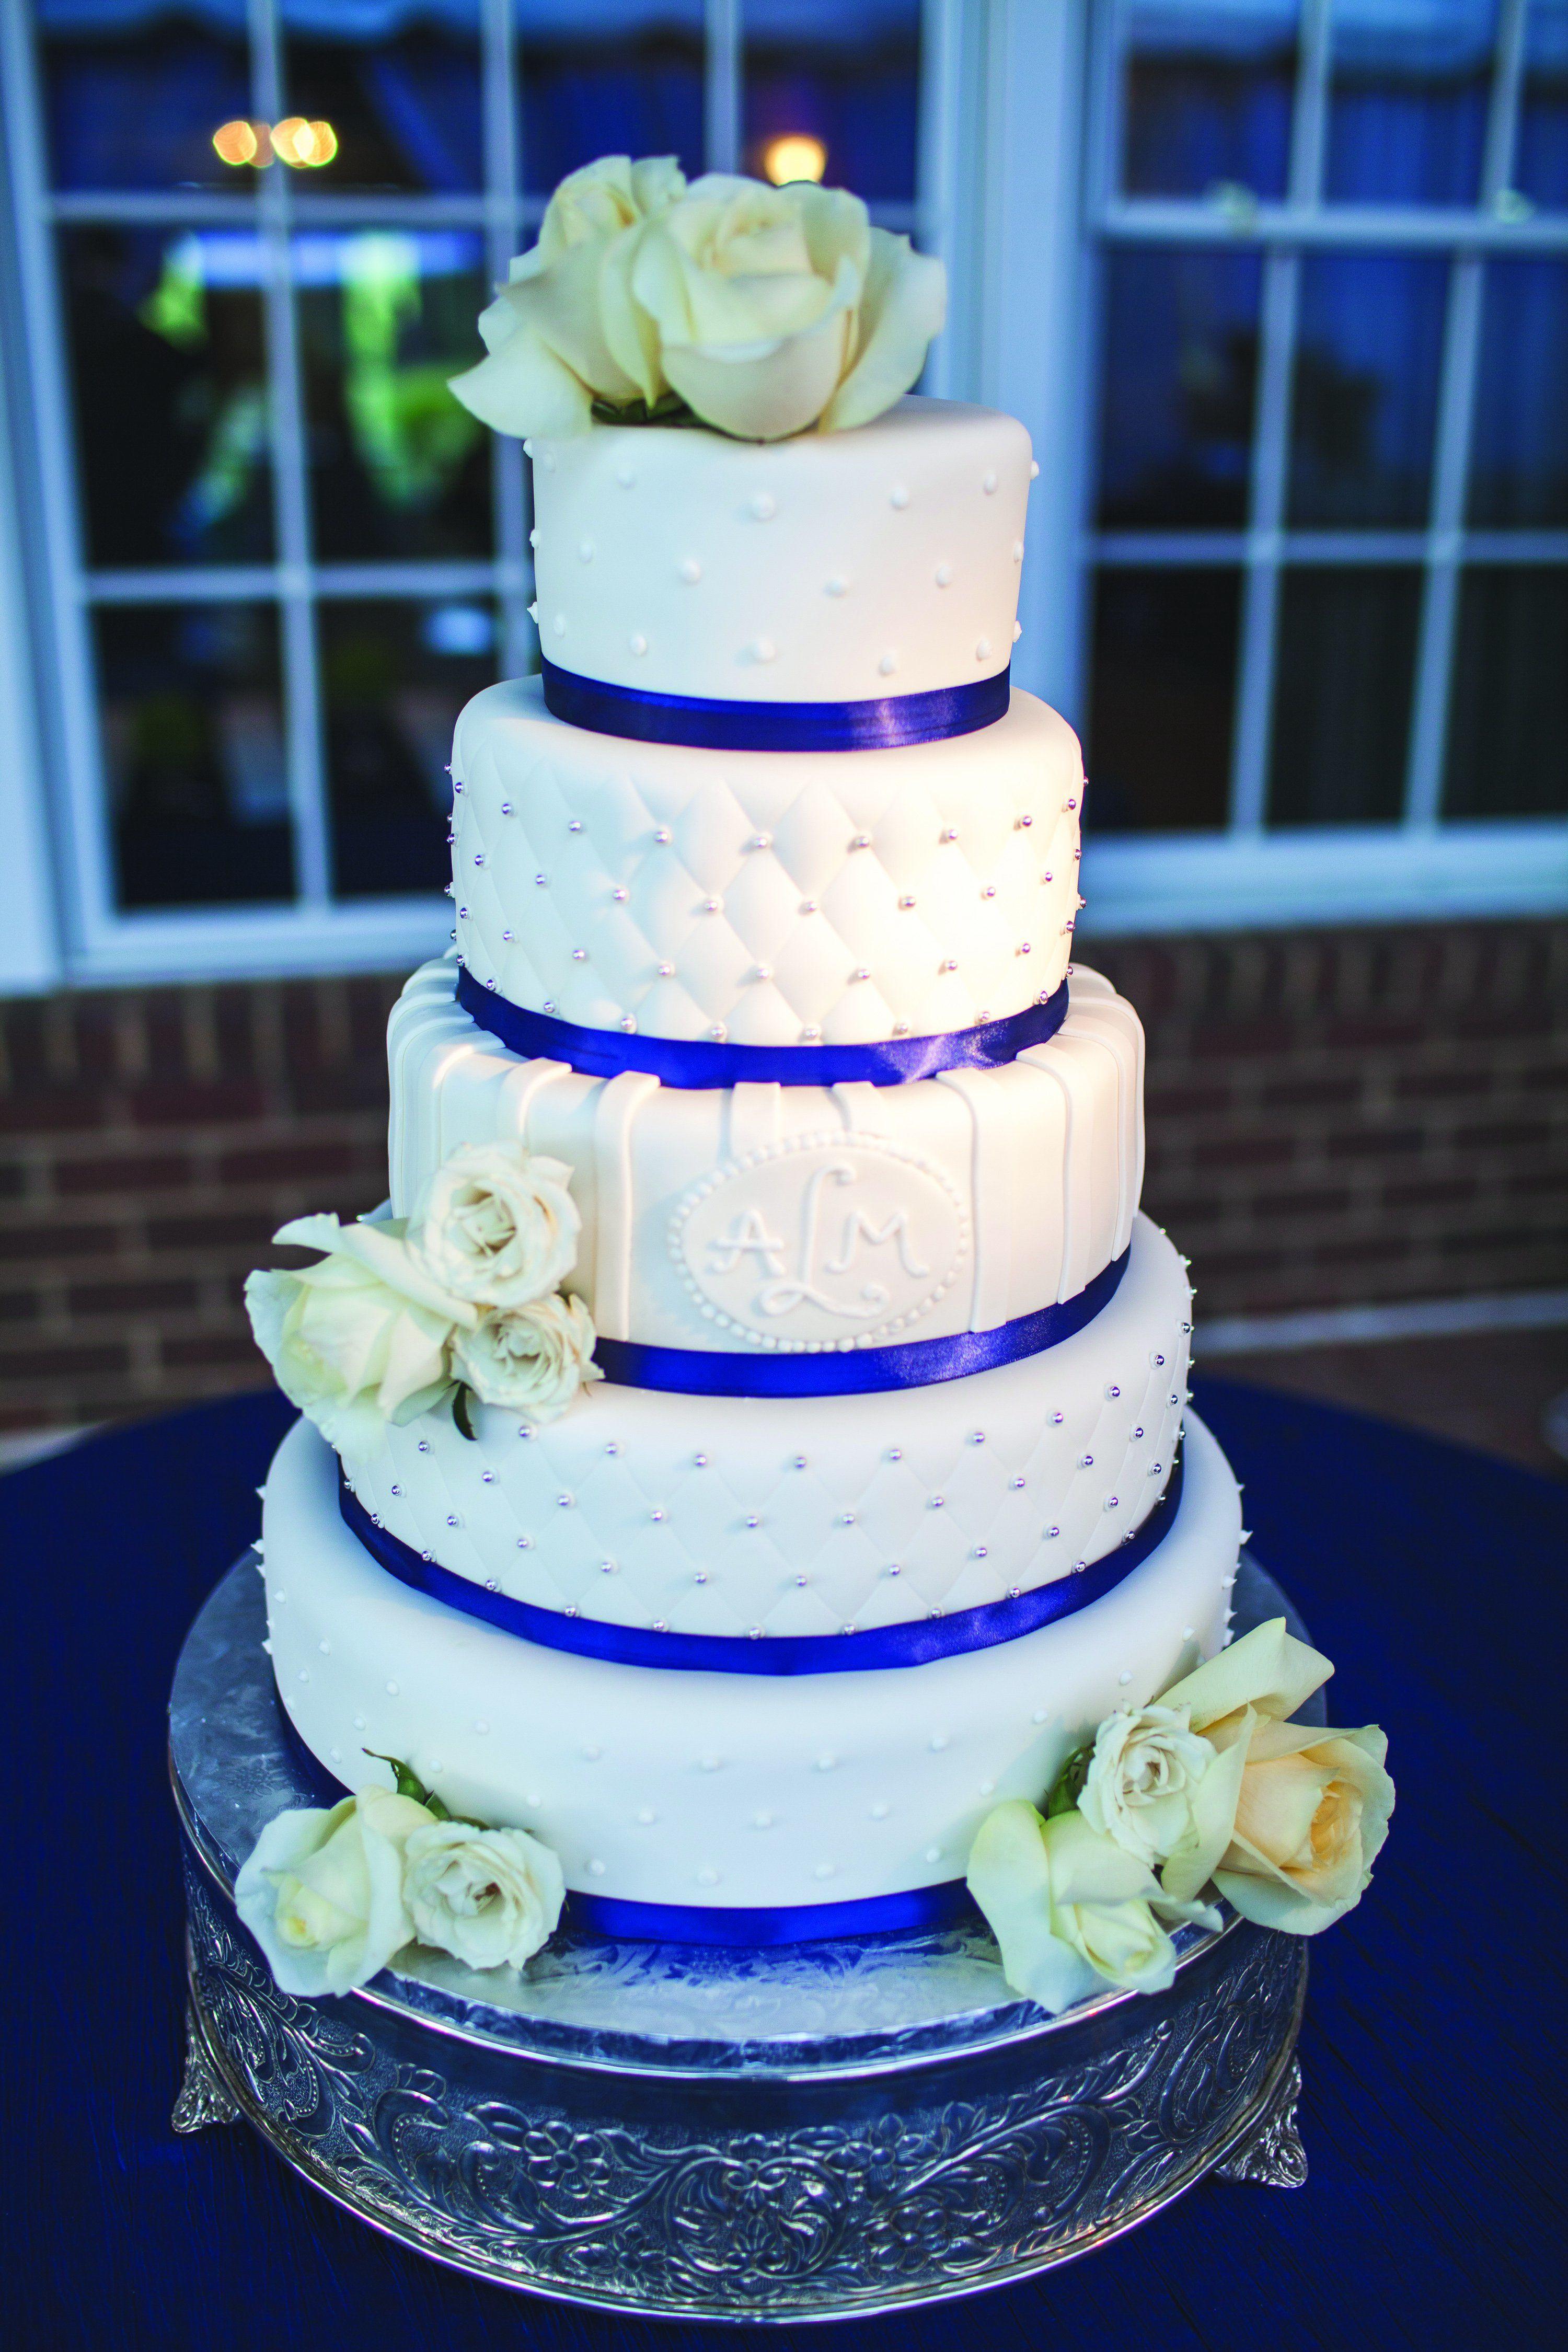 Wedding Cake Blue And White  Navy Blue and White Wedding Cake